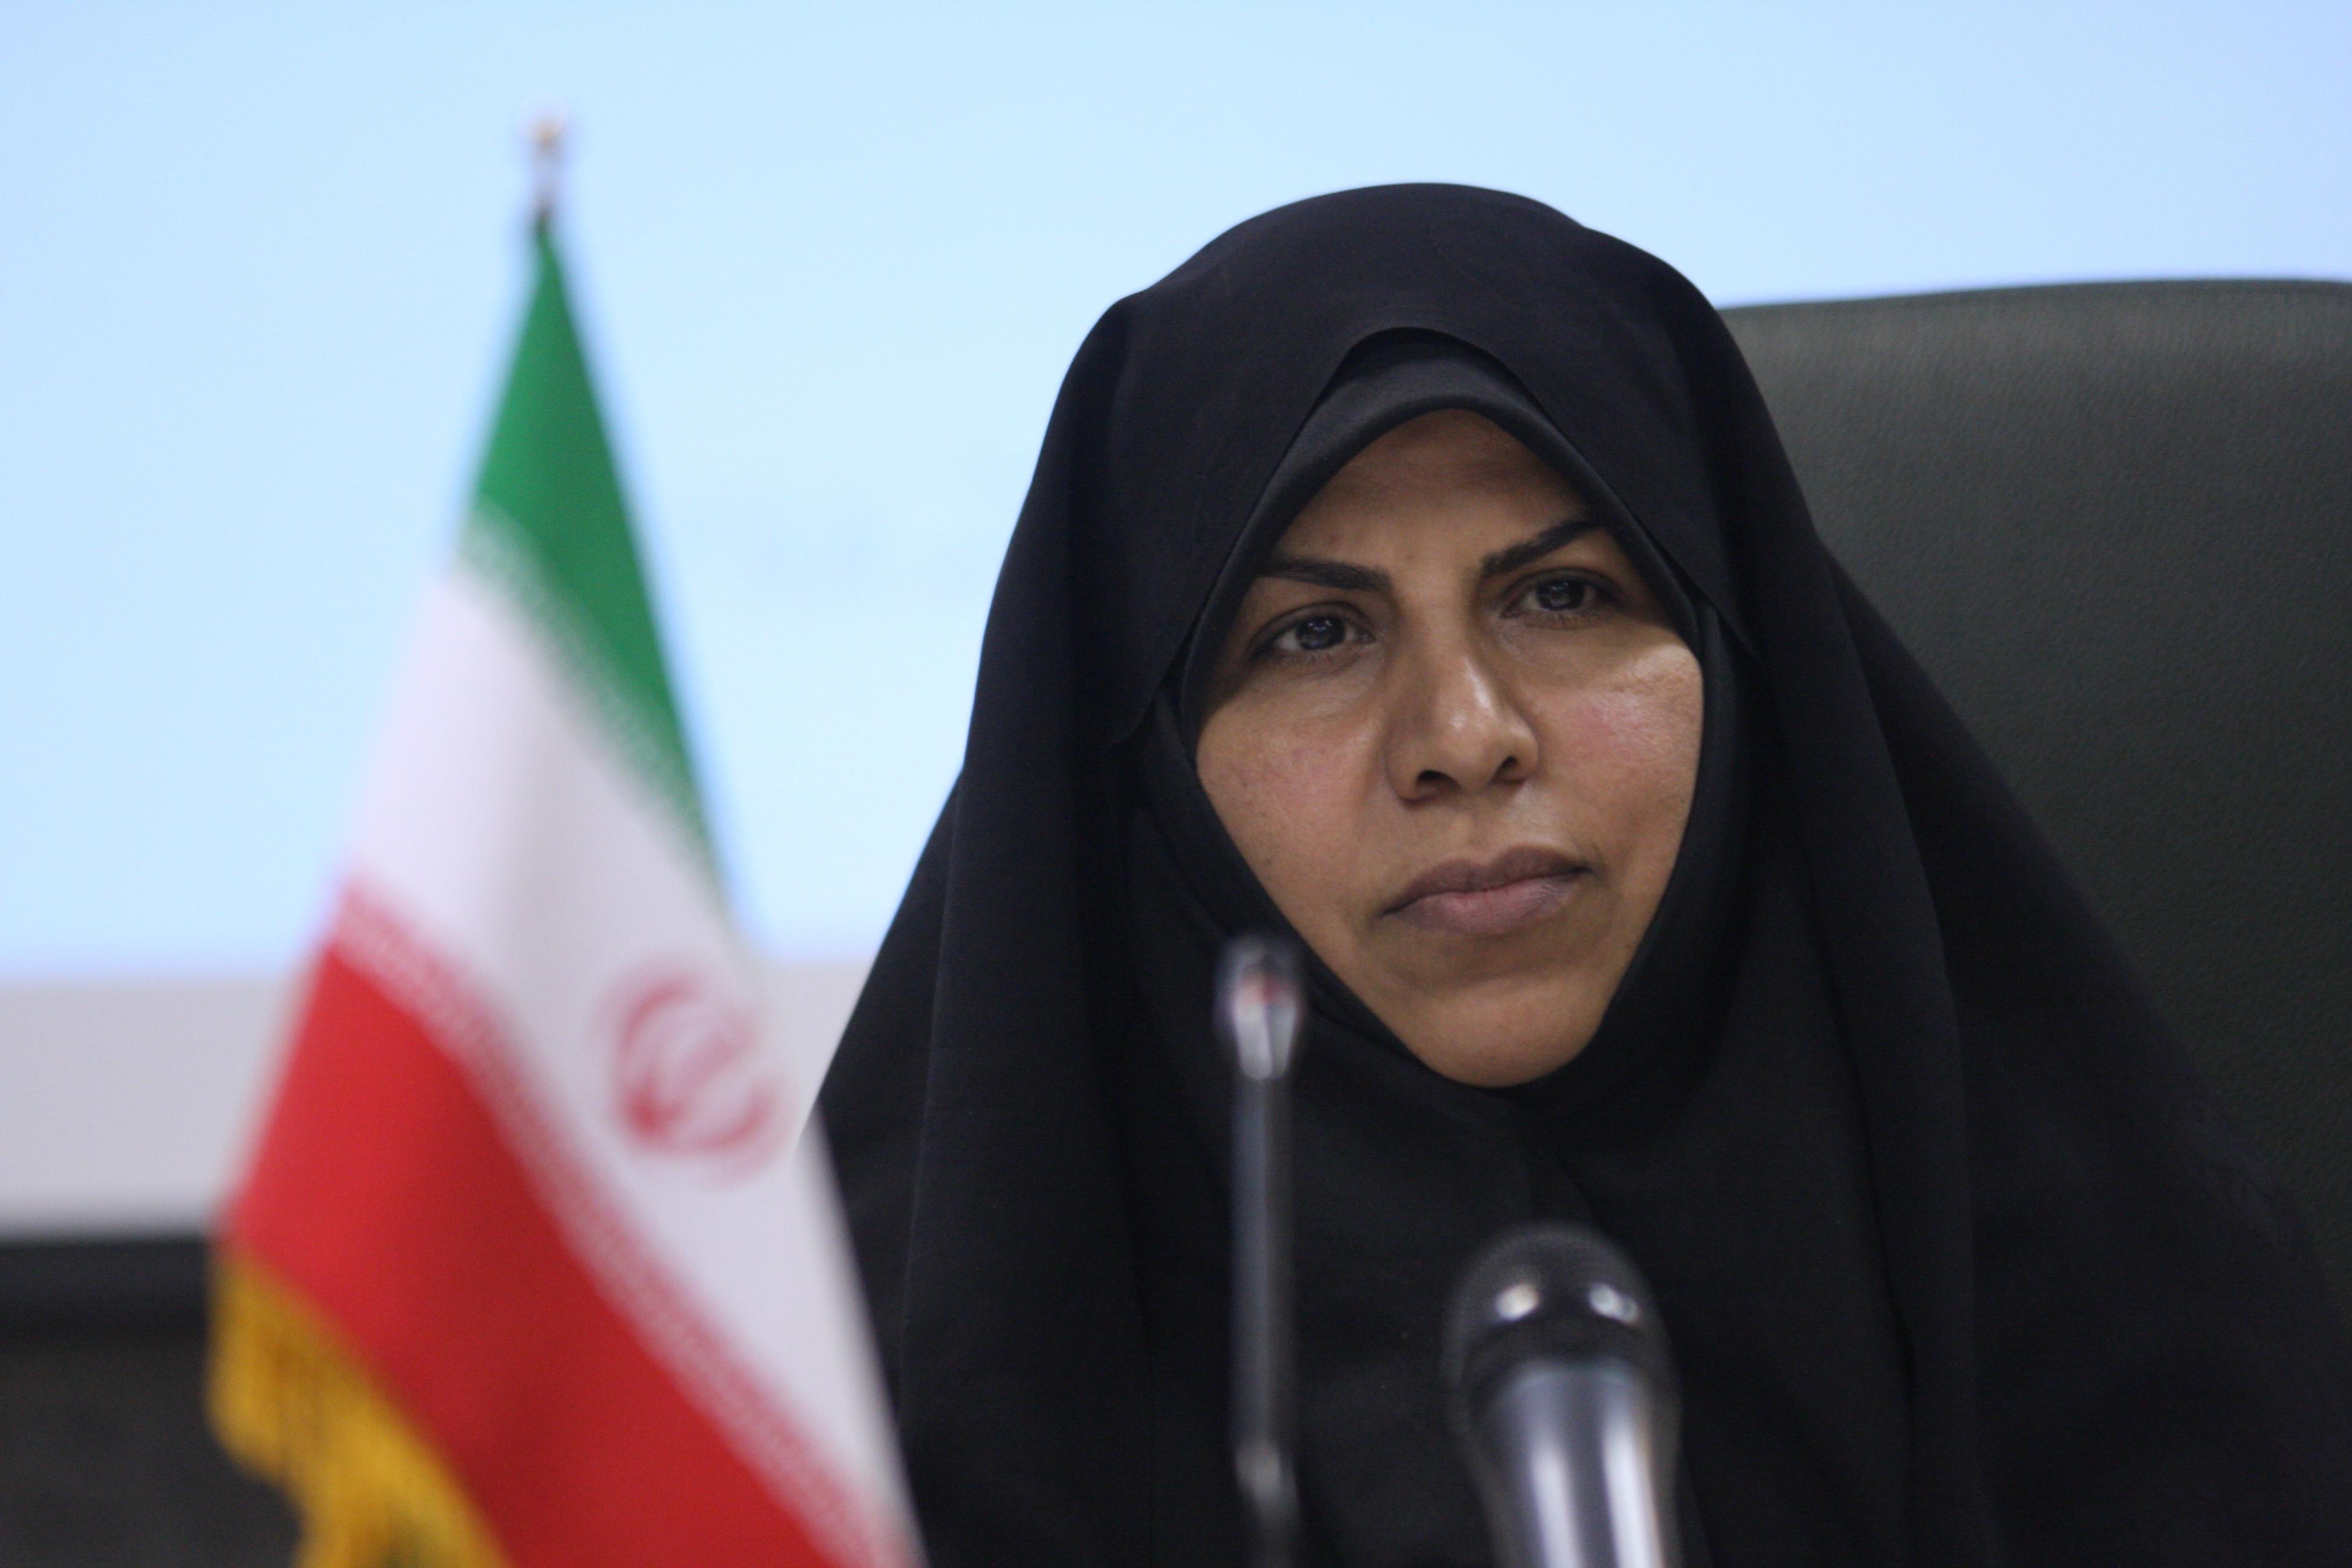 تکذیب اصولگرا بودن احمدینژاد توسط وزیرش